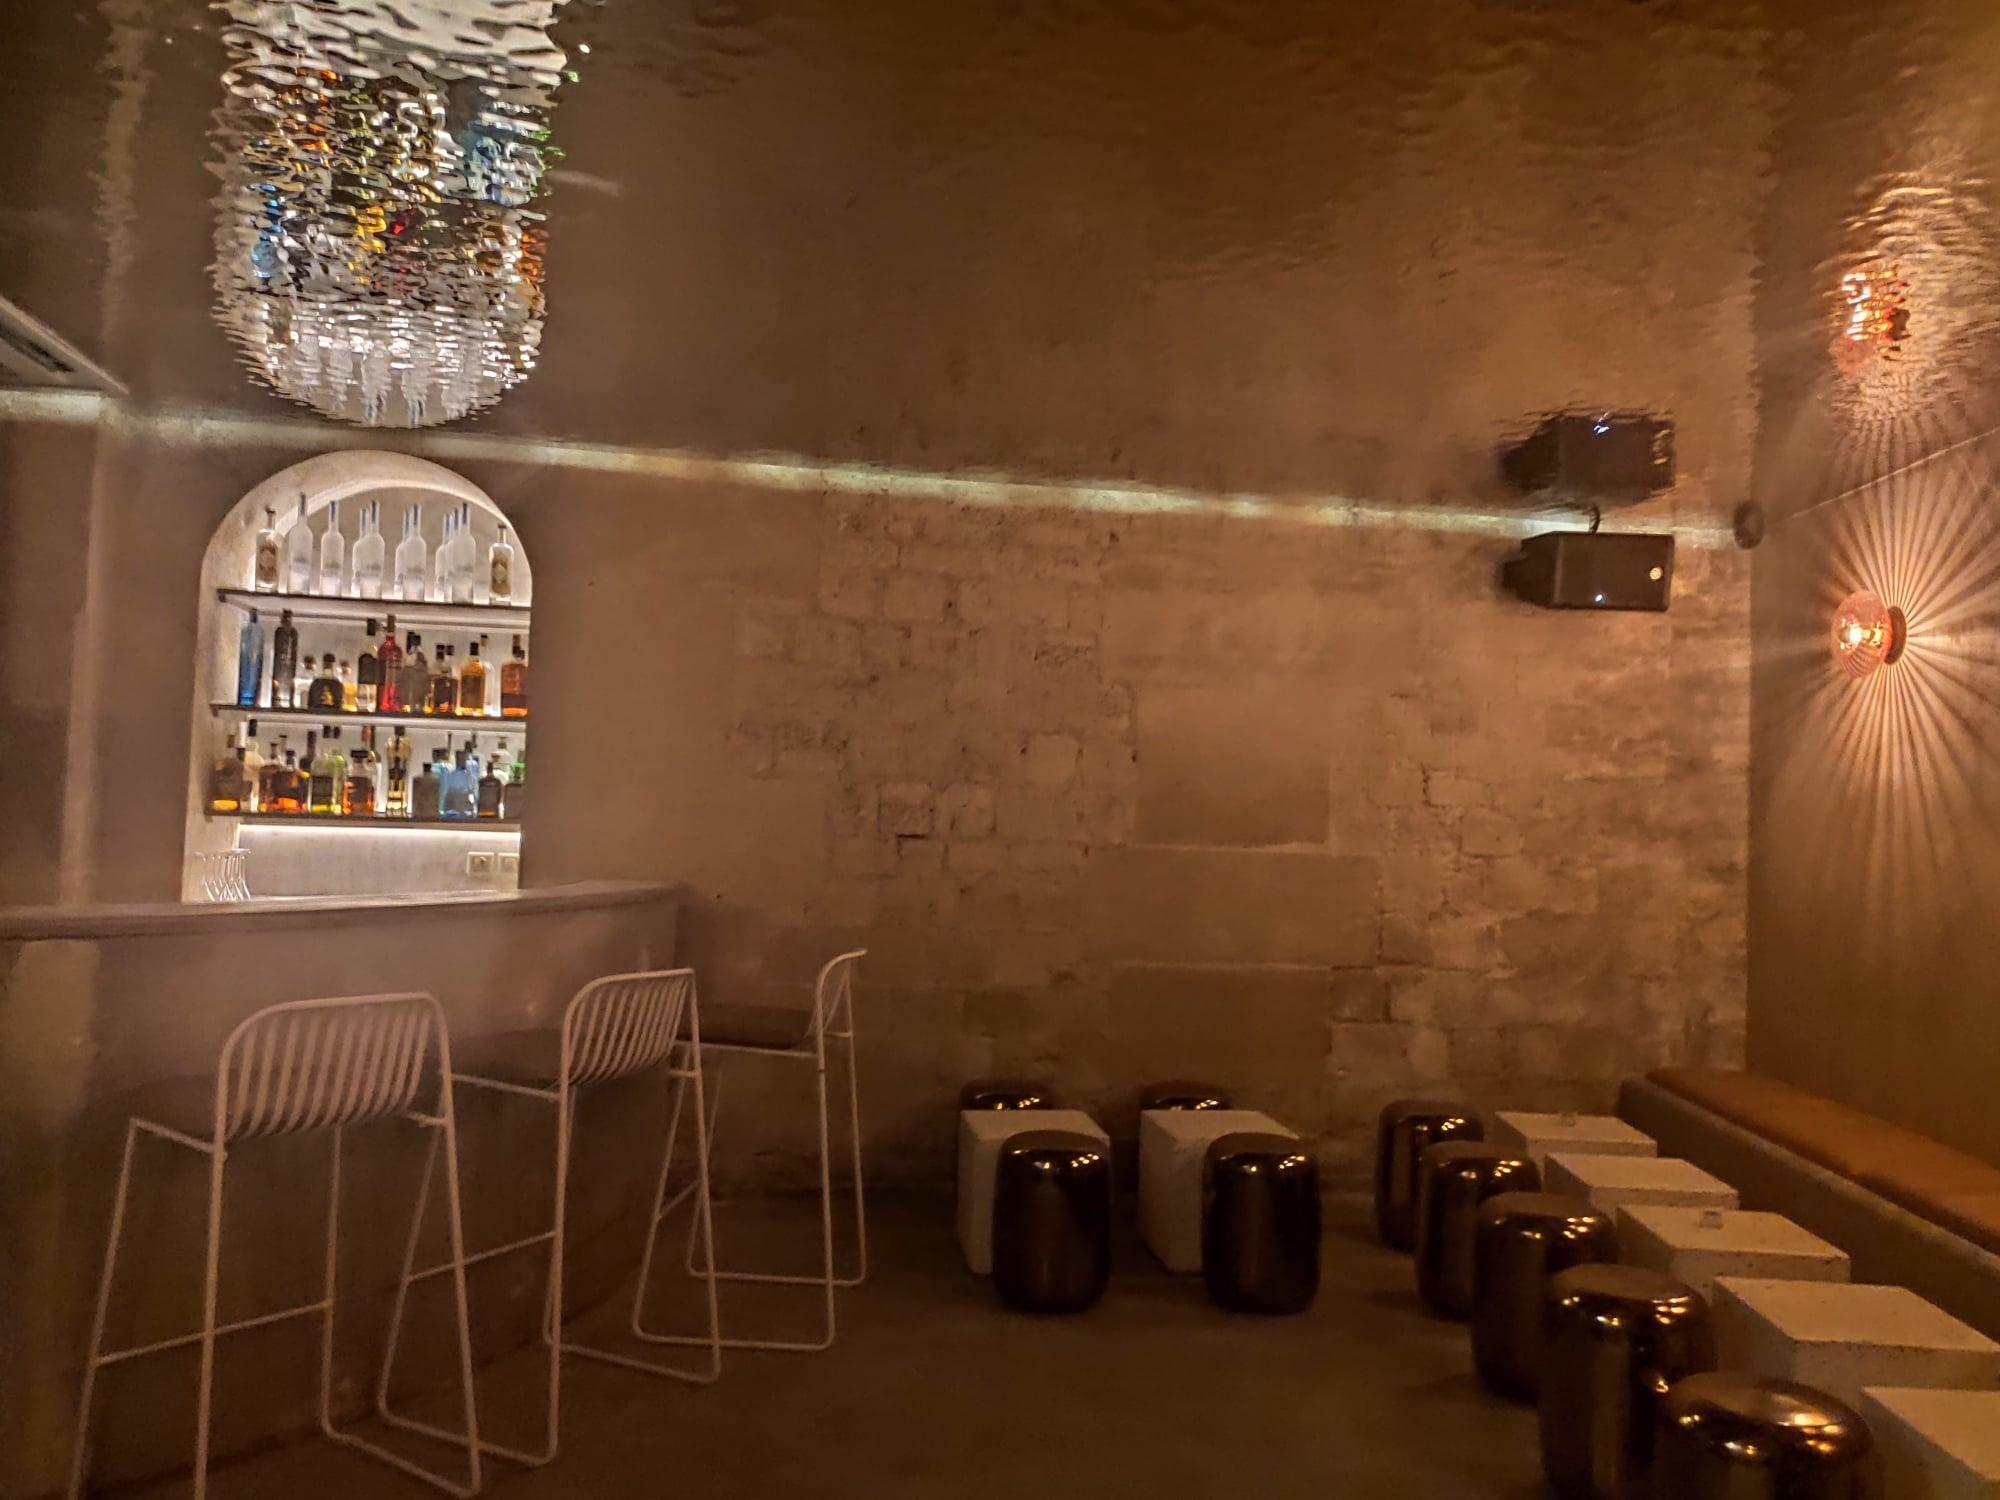 Salle du bar à cocktails - Bar-restaurant Magniv (Paris)